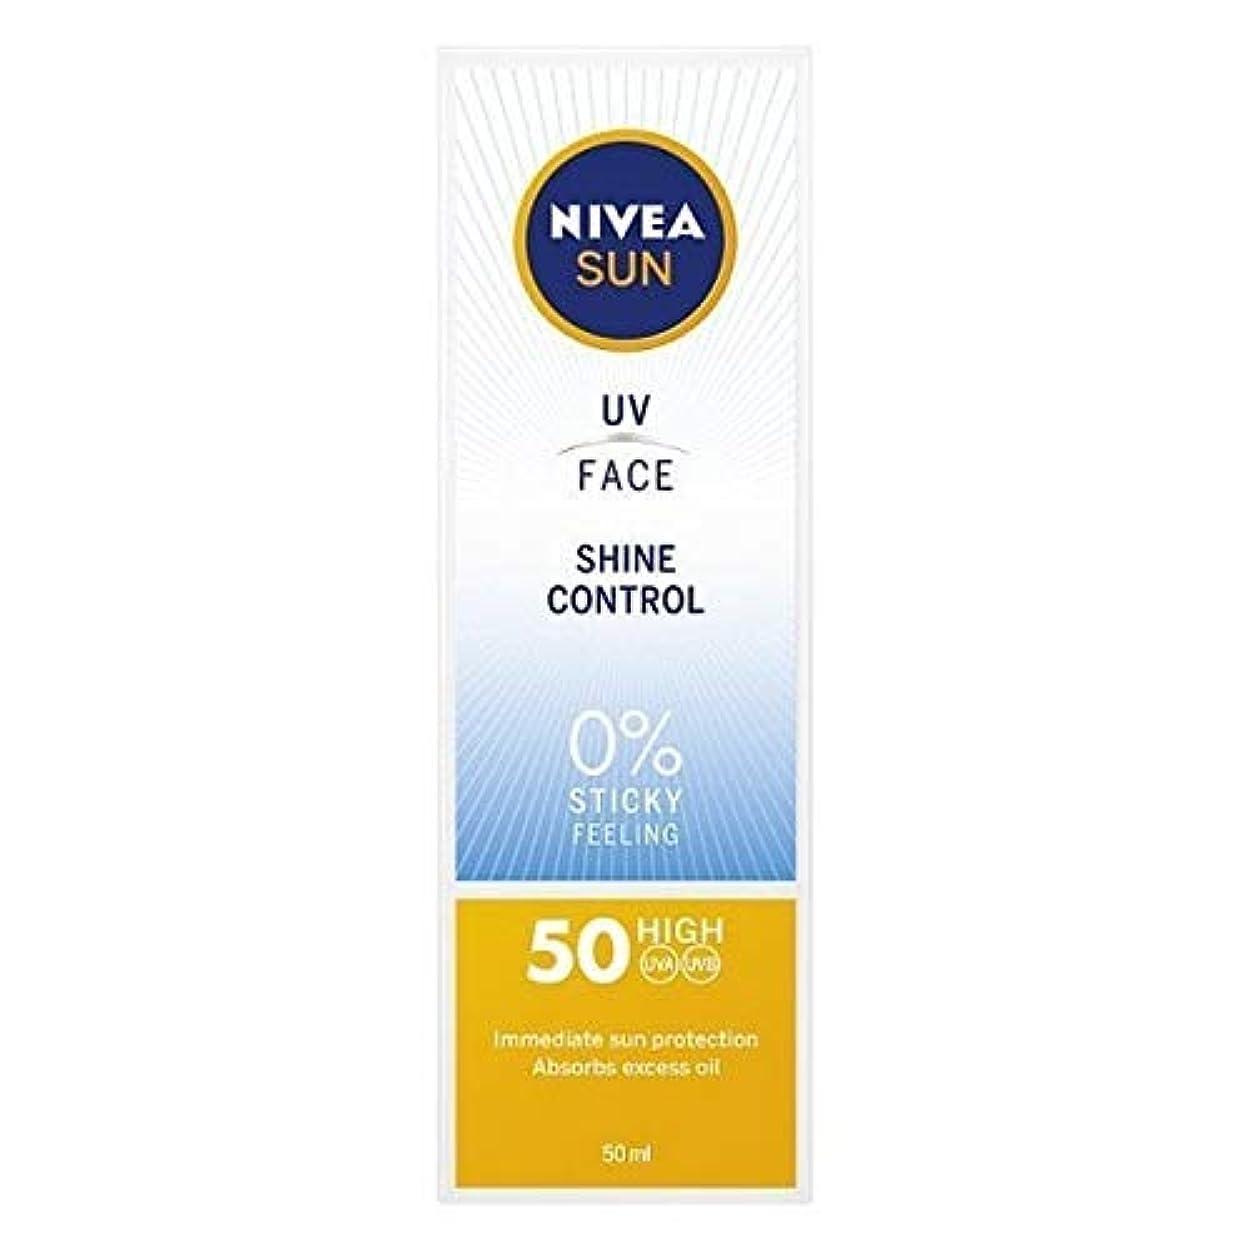 人生を作るカウンターパート天[Nivea ] ニベアサンUv顔日焼け止めクリームのSpf 50、輝き制御、50ミリリットル - NIVEA SUN UV Face Suncream SPF 50, Shine Control, 50ml [並行輸入品]